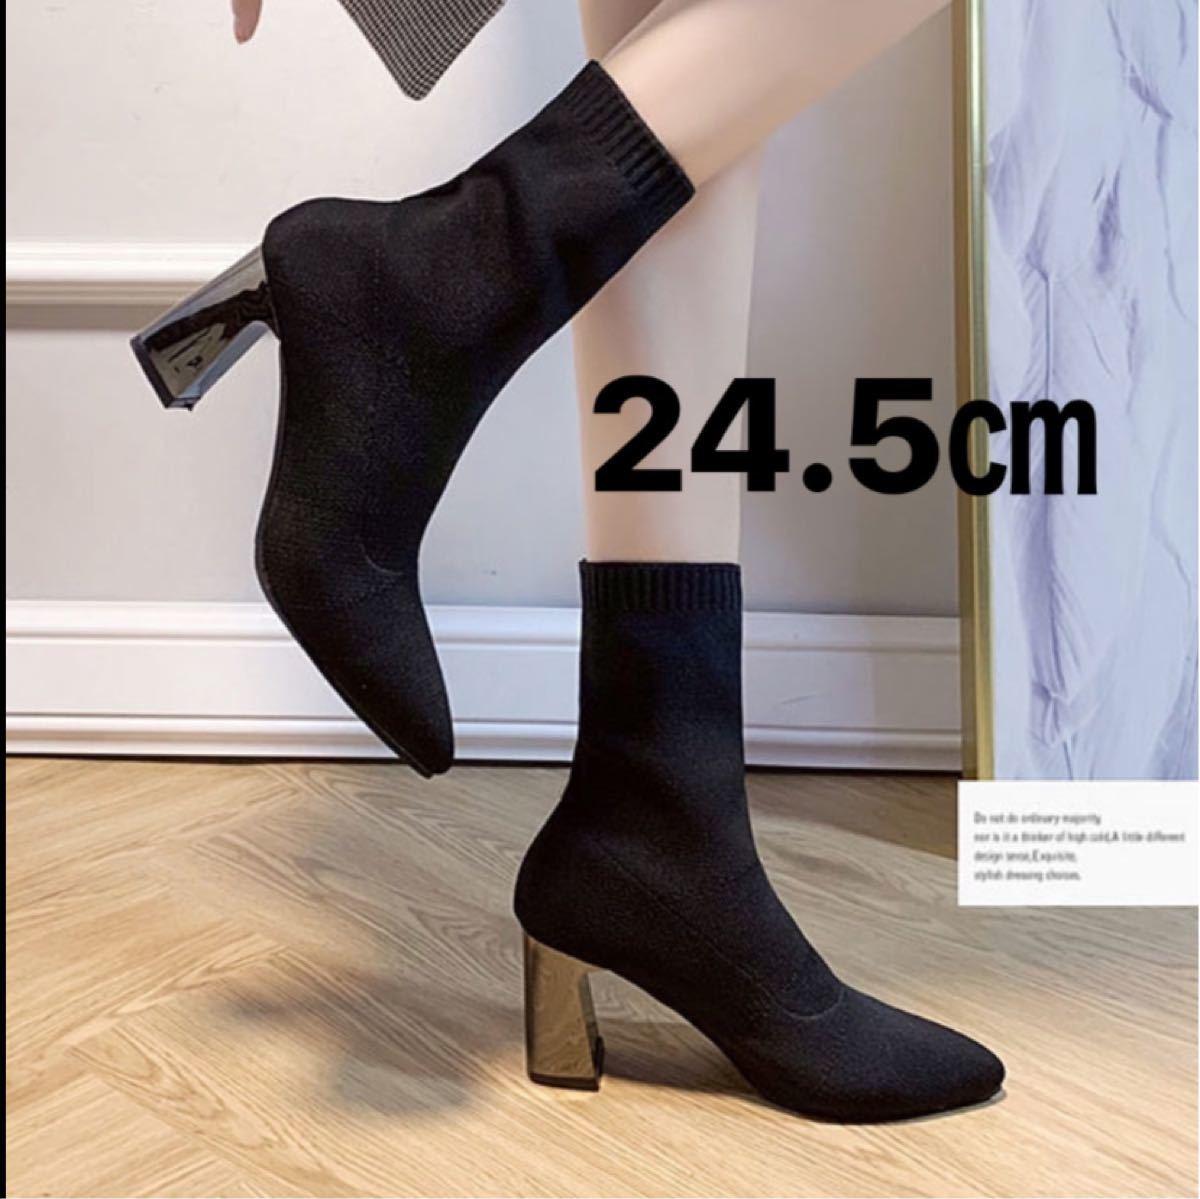 ソックス ブーツ Zara ZARAのブーツが大人気!オシャレに仕上がるおすすめアイテム